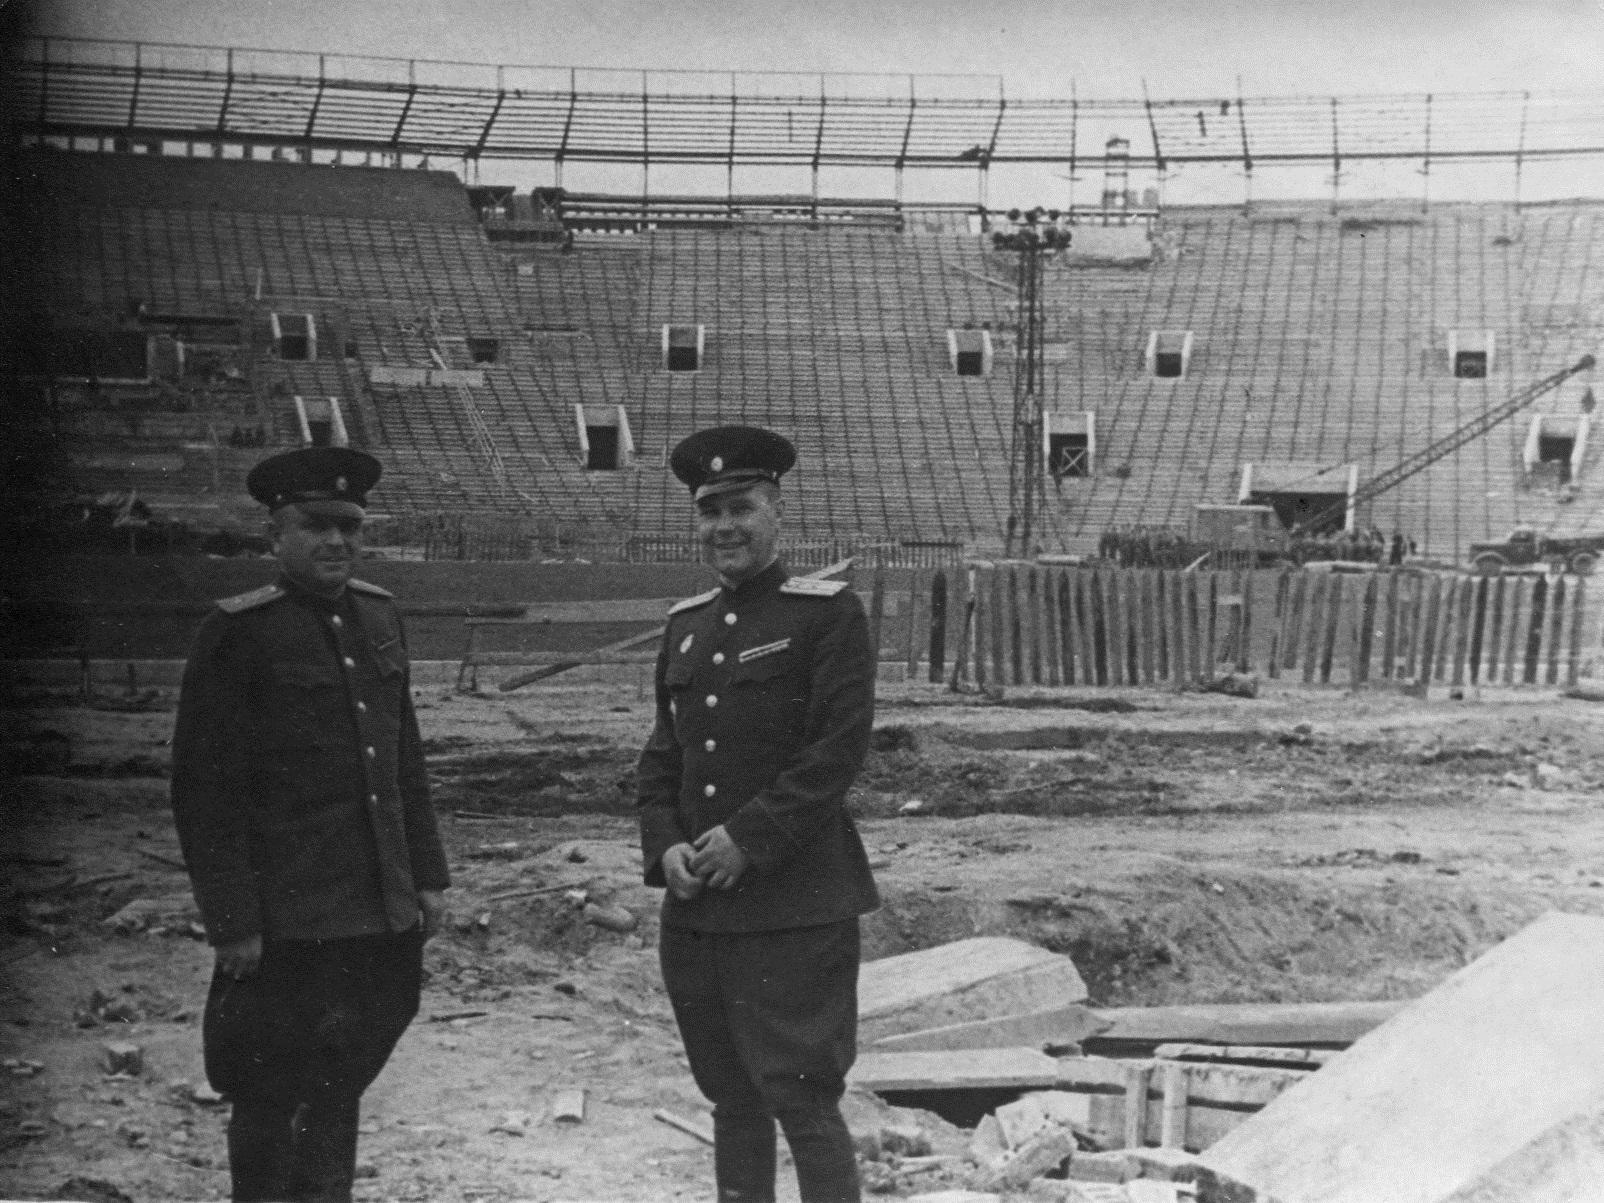 65 лет стадиону «Лужники»! Фотопост о главных событиях в истории главного стадиона России